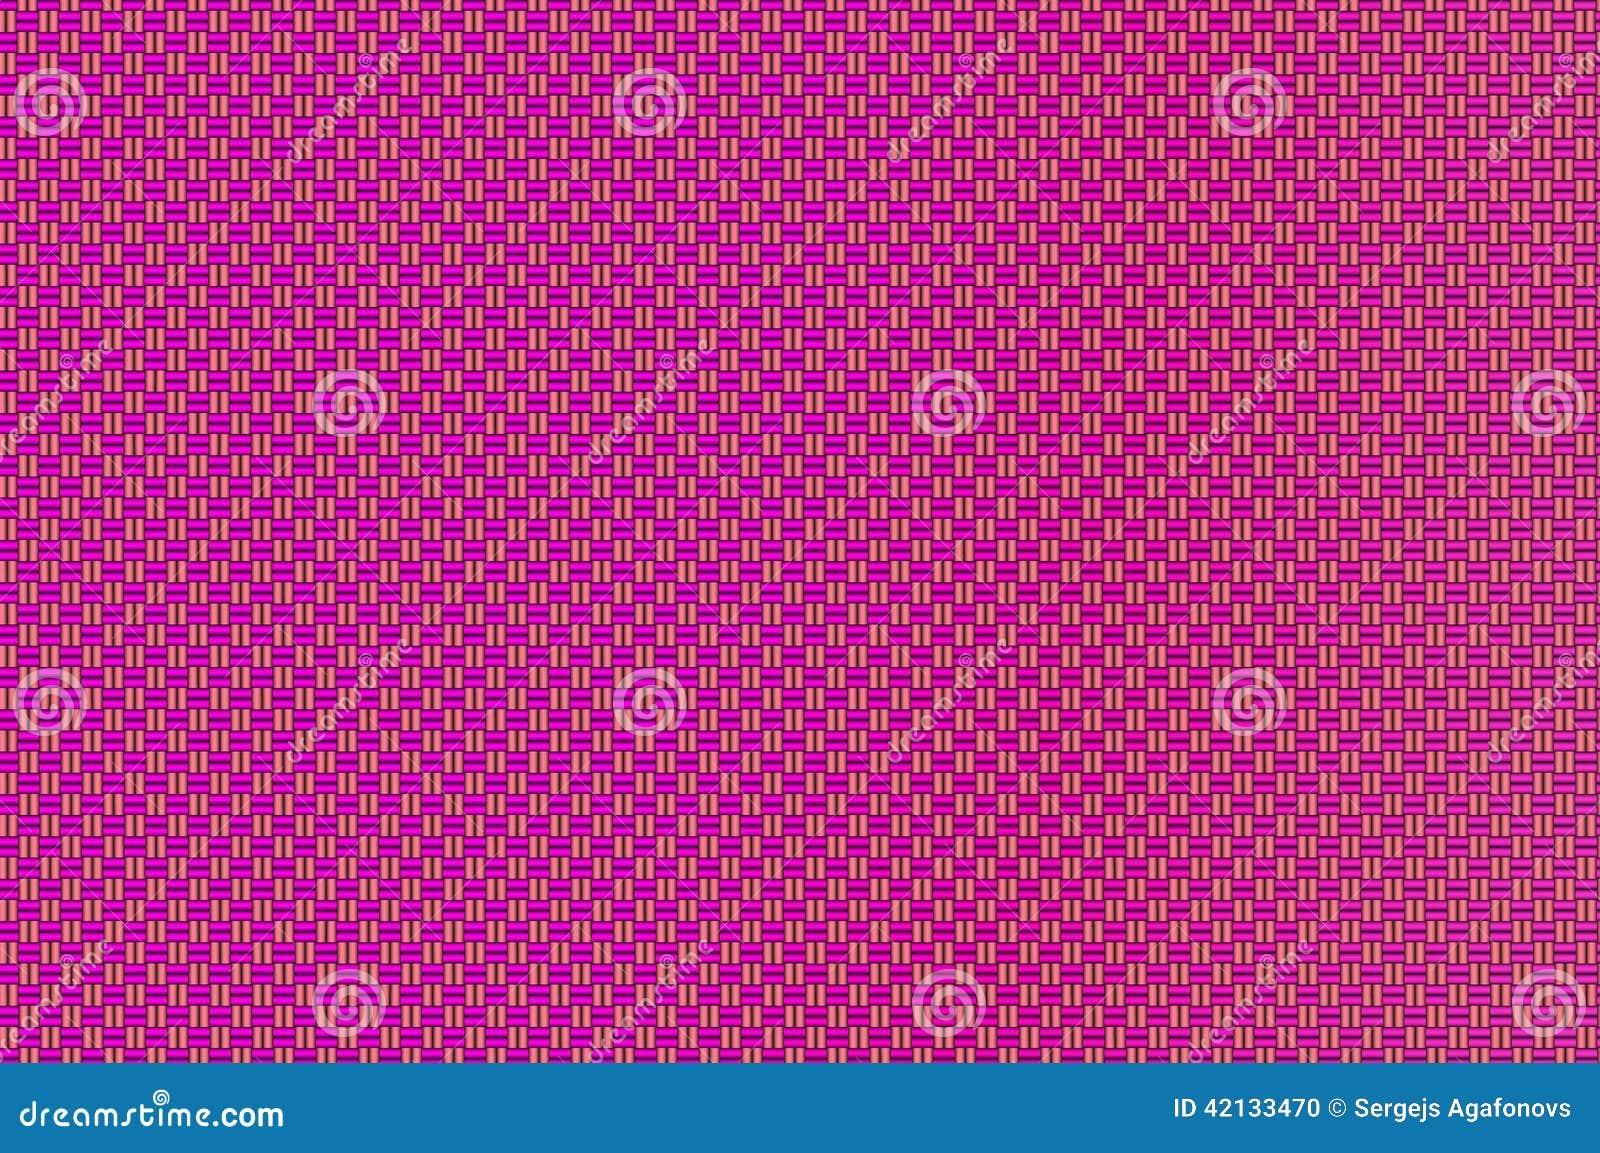 Röd-violett och sandig bruntfyrkantmodell för flätat samman raster -